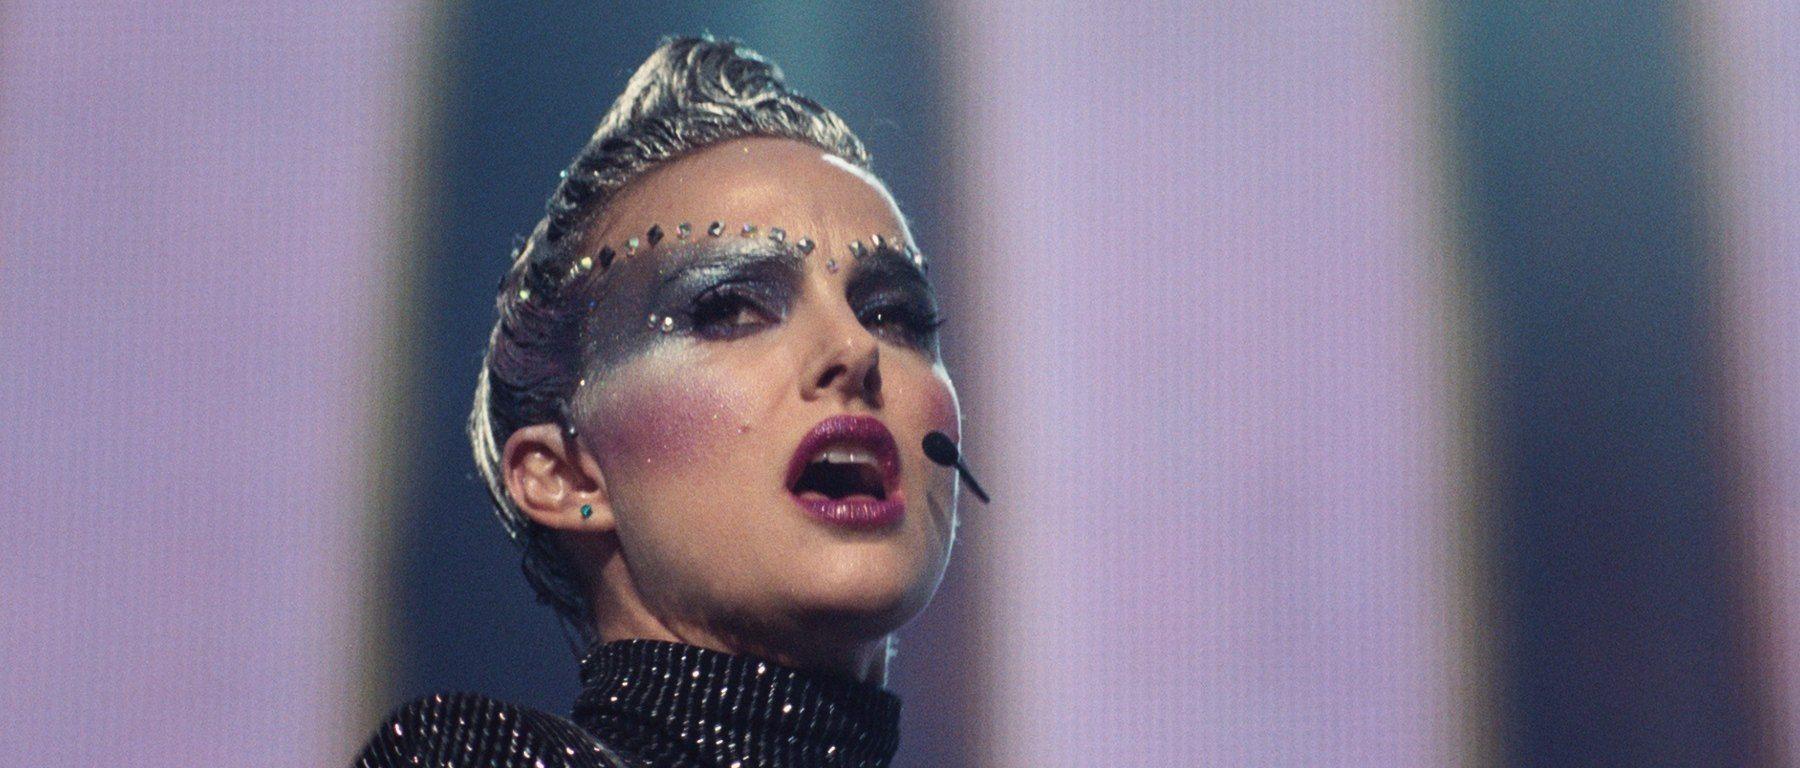 Natalie Portman joue à la popstar dans Vox Lux